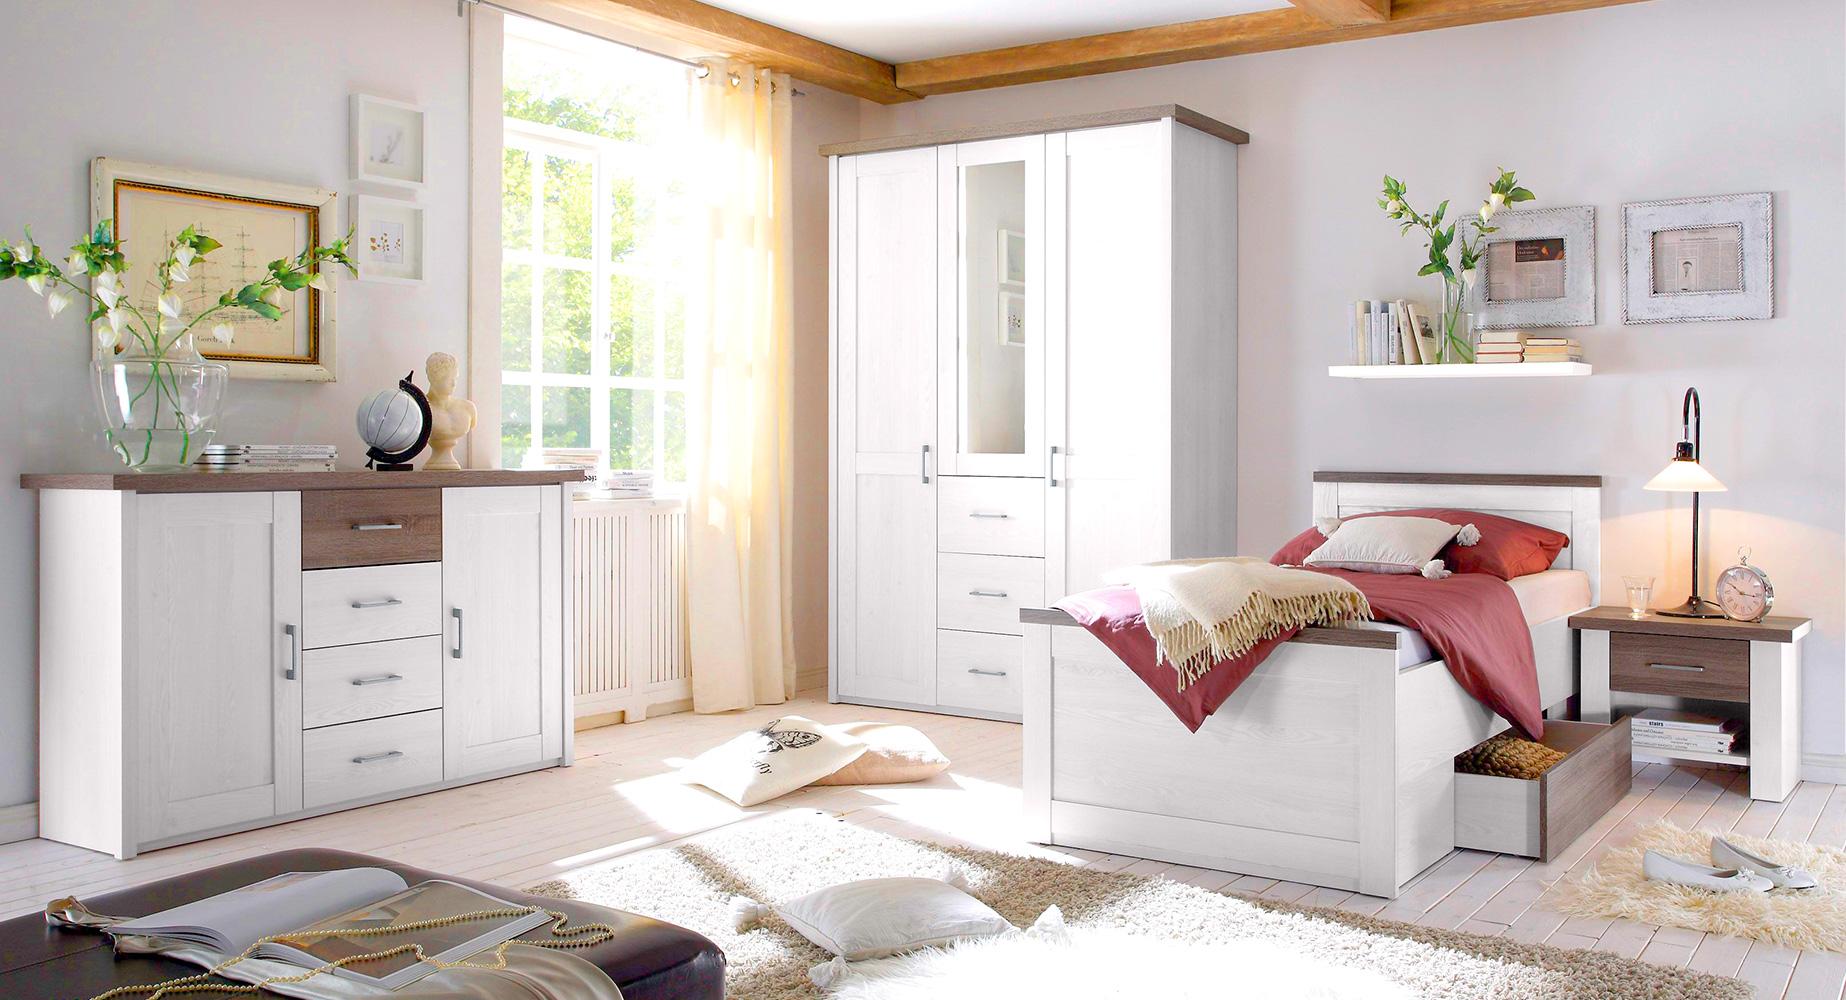 Wohnideen Möbelpiraten